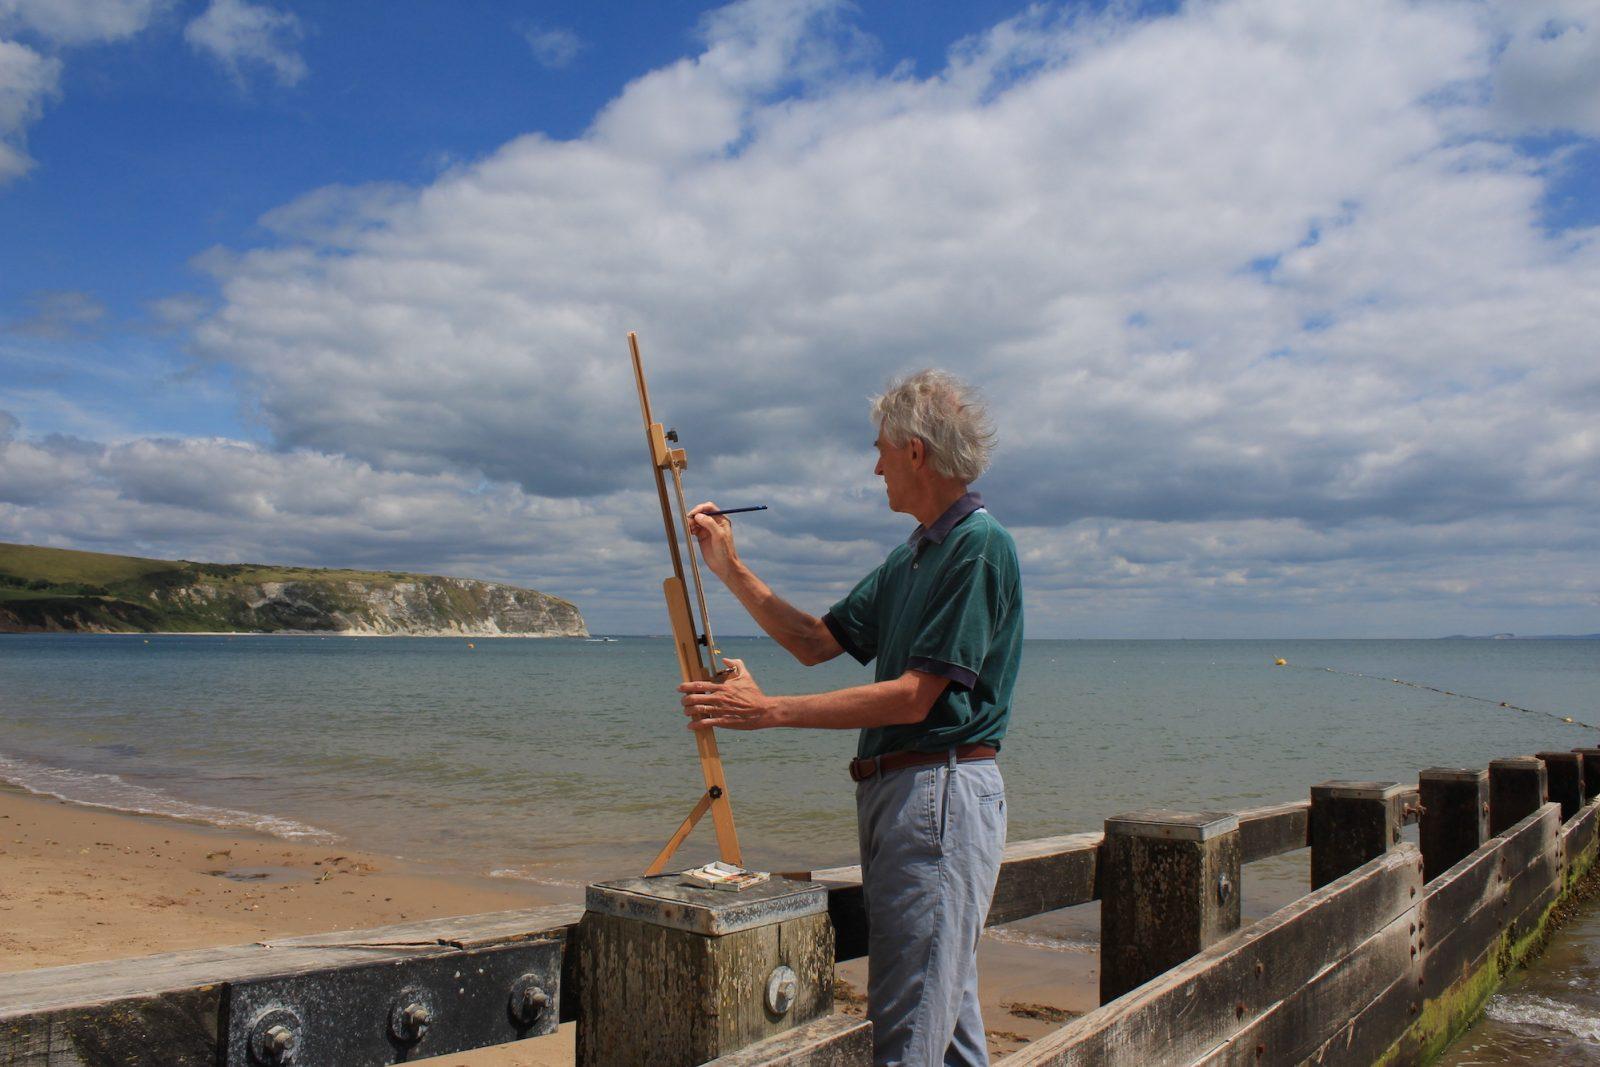 Jeremy Gardiner sketching plein air, Ballard Point, Swanage, Dorset, Plein Air, Jeremy Gardiner